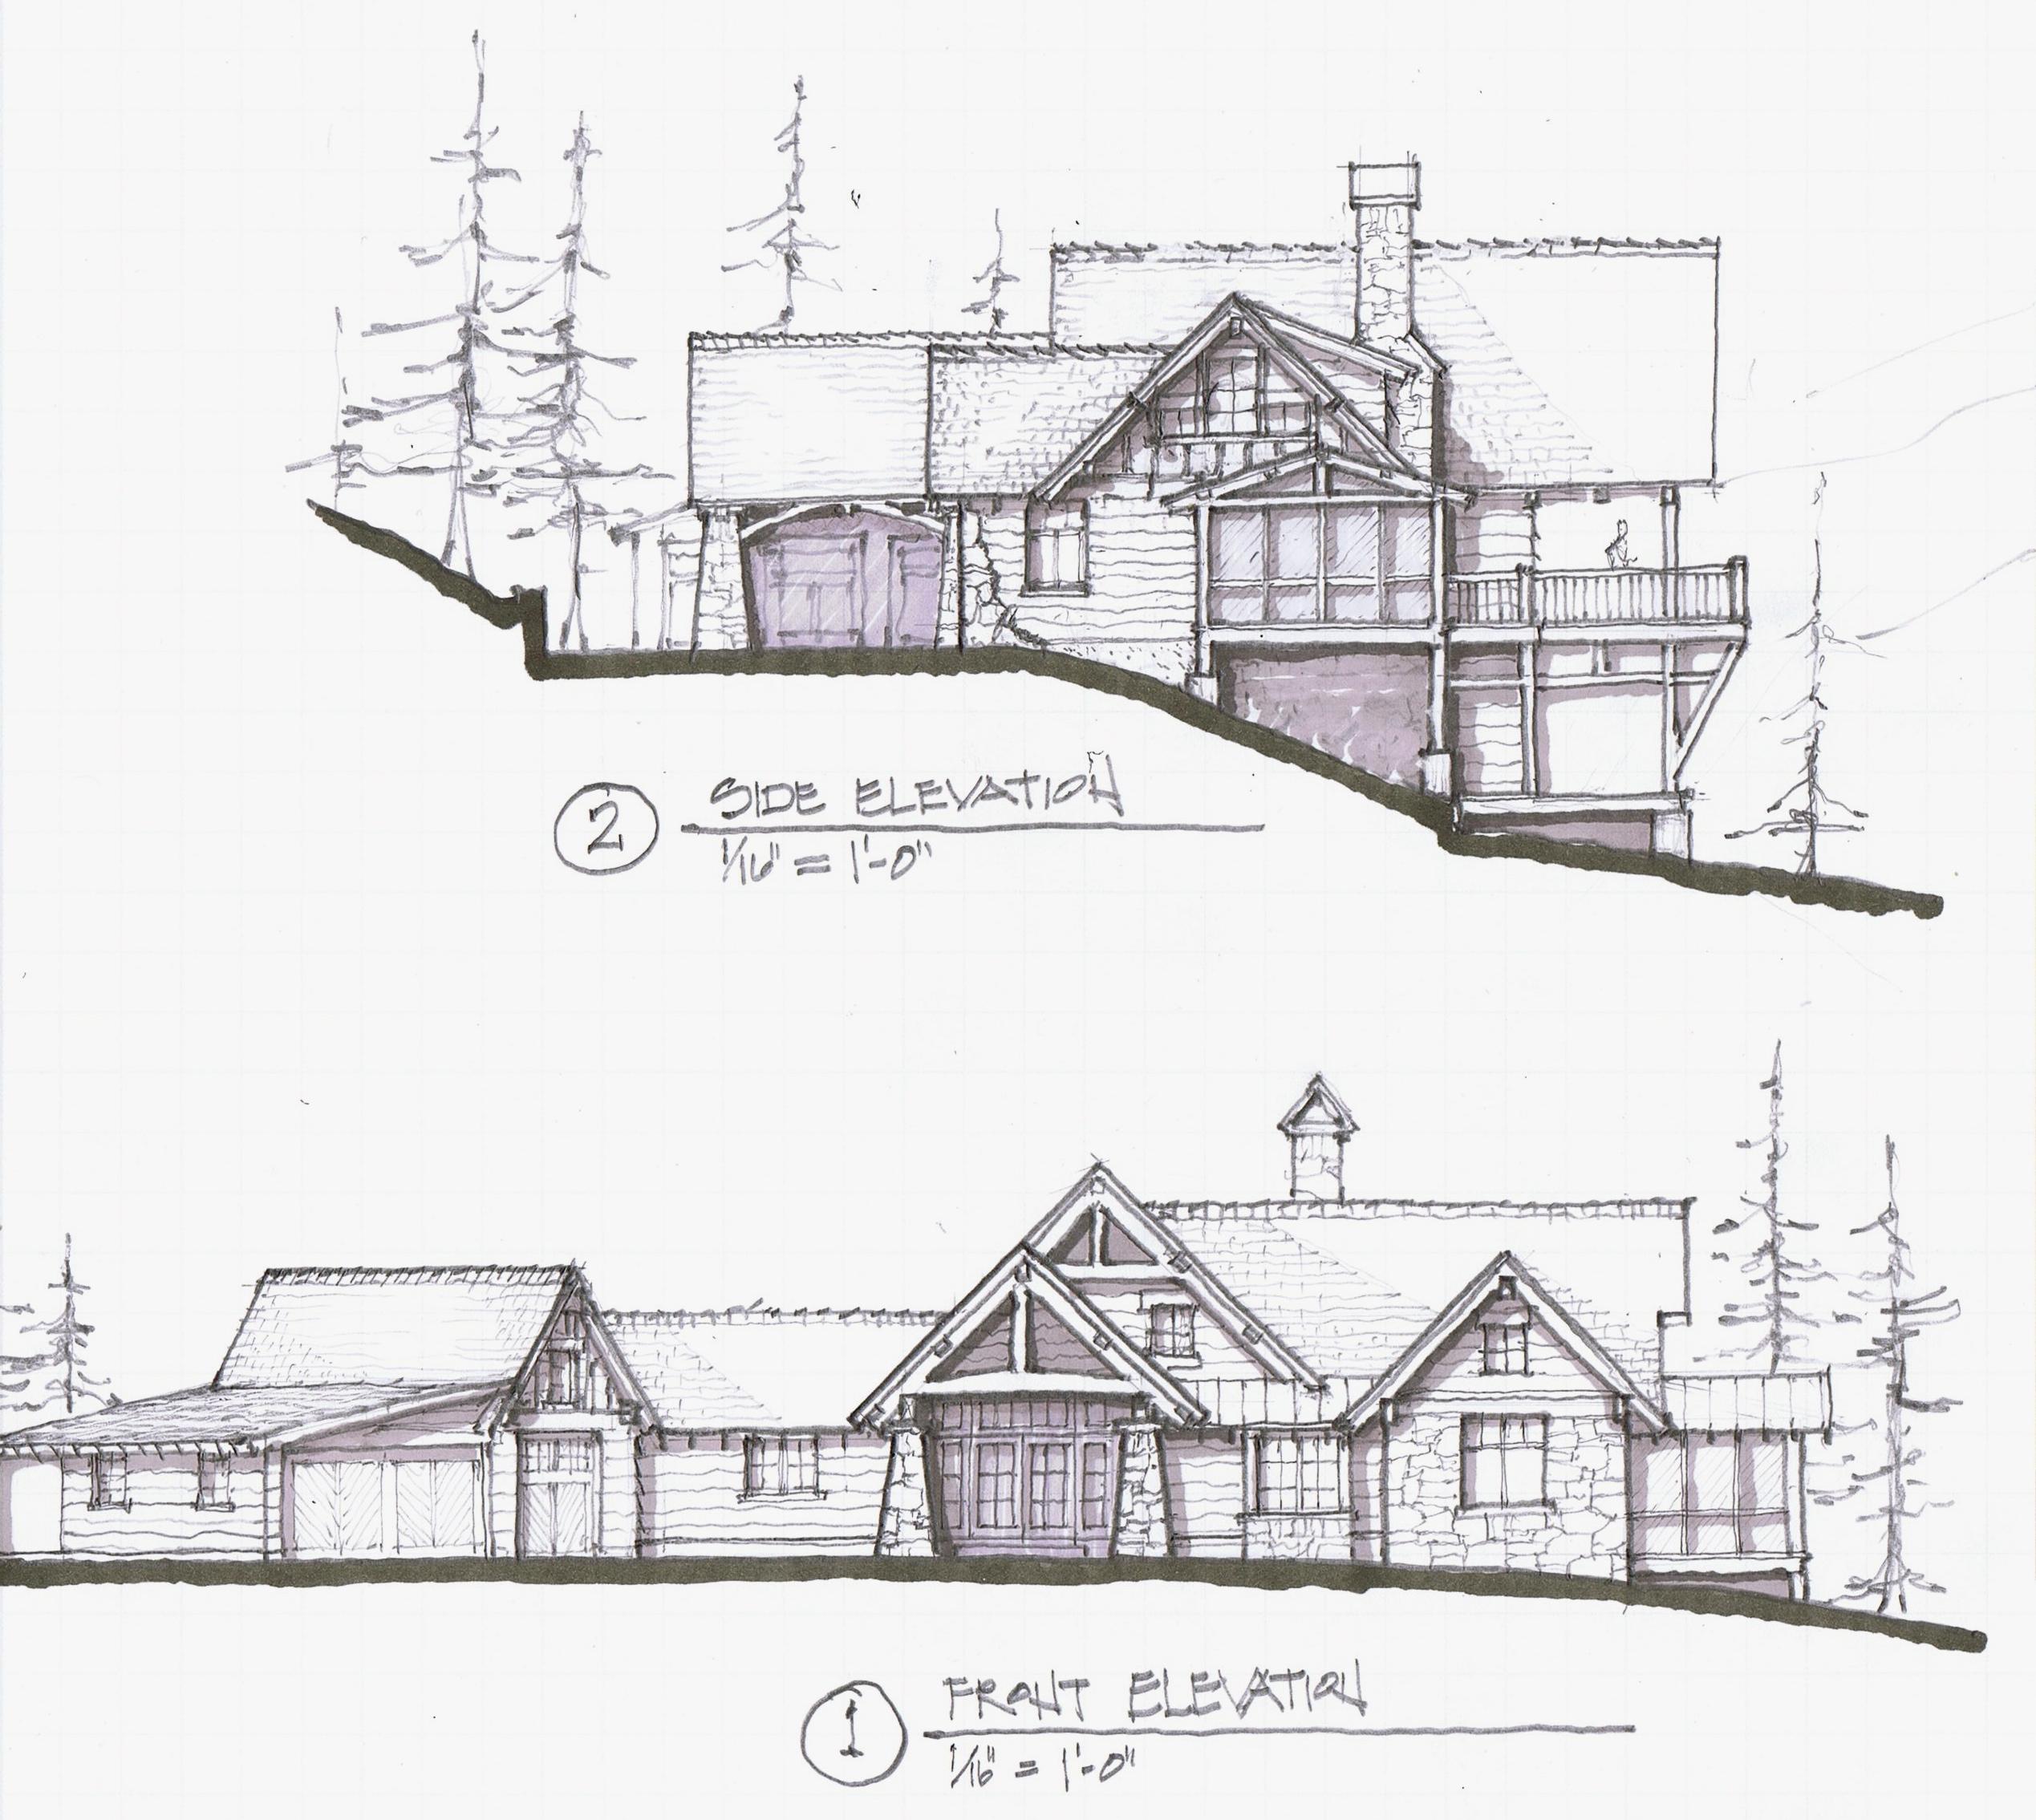 Balsam Residence